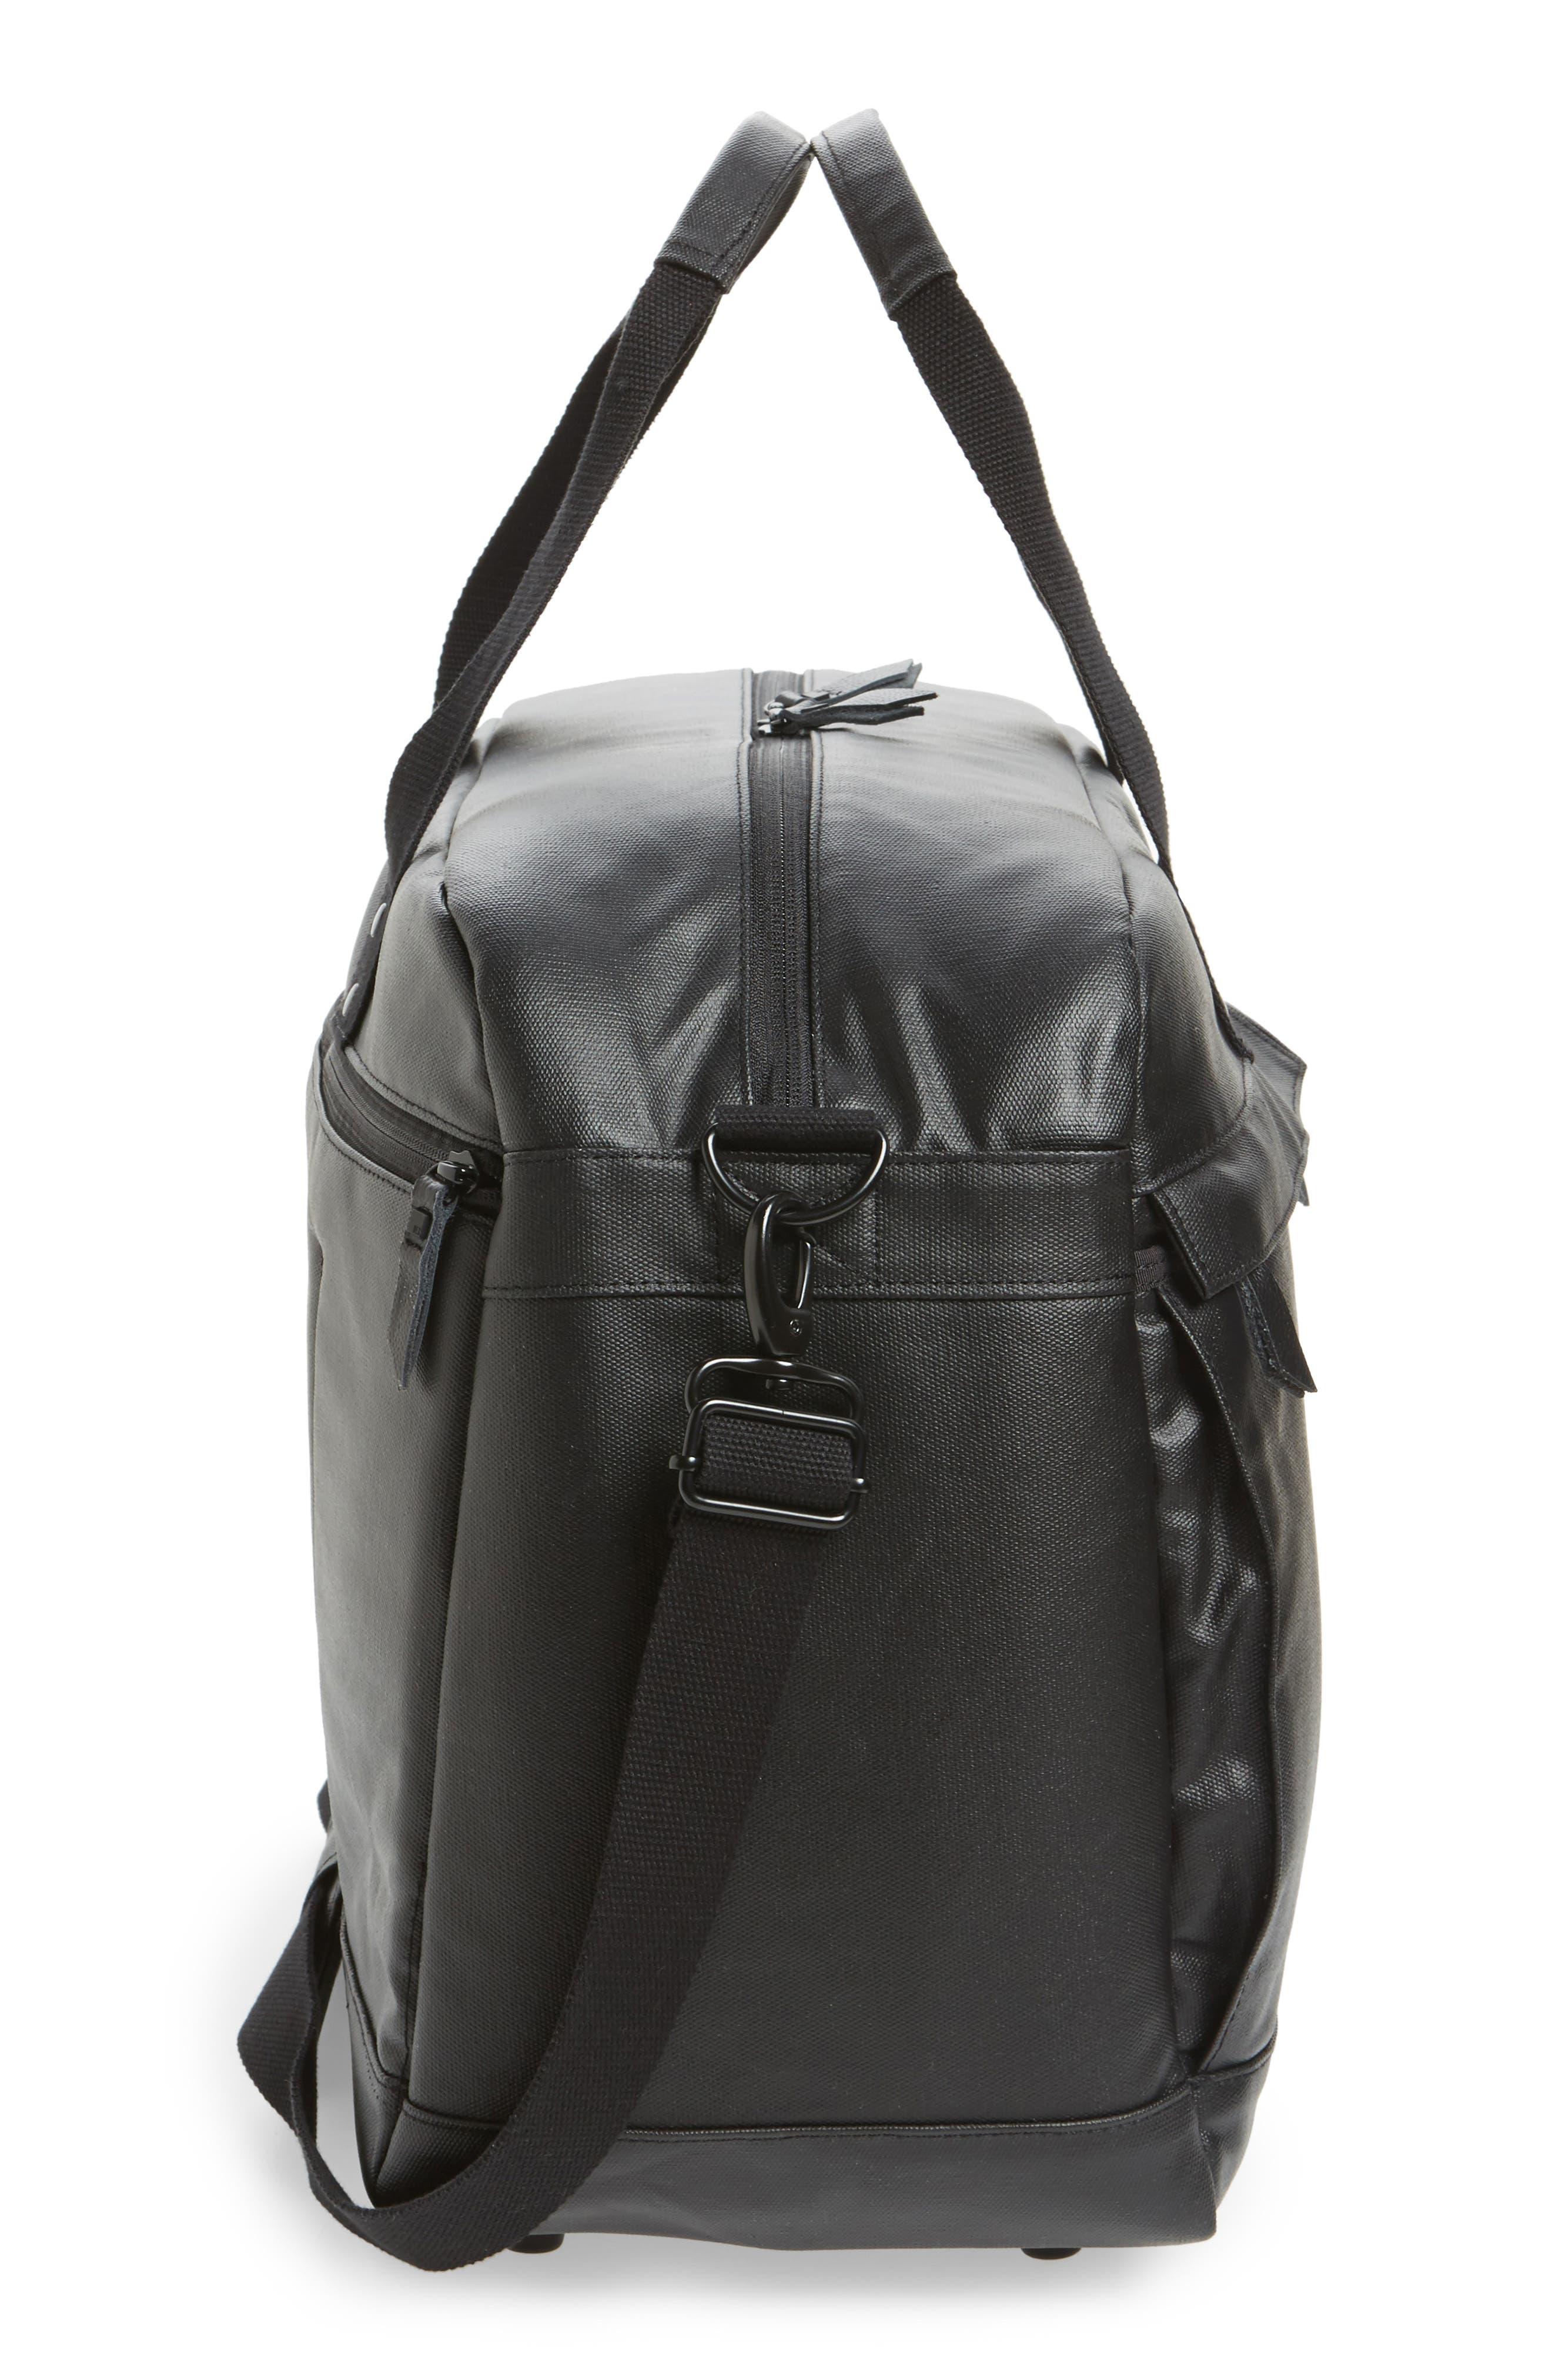 Calibre Duffel Bag,                             Alternate thumbnail 5, color,                             001